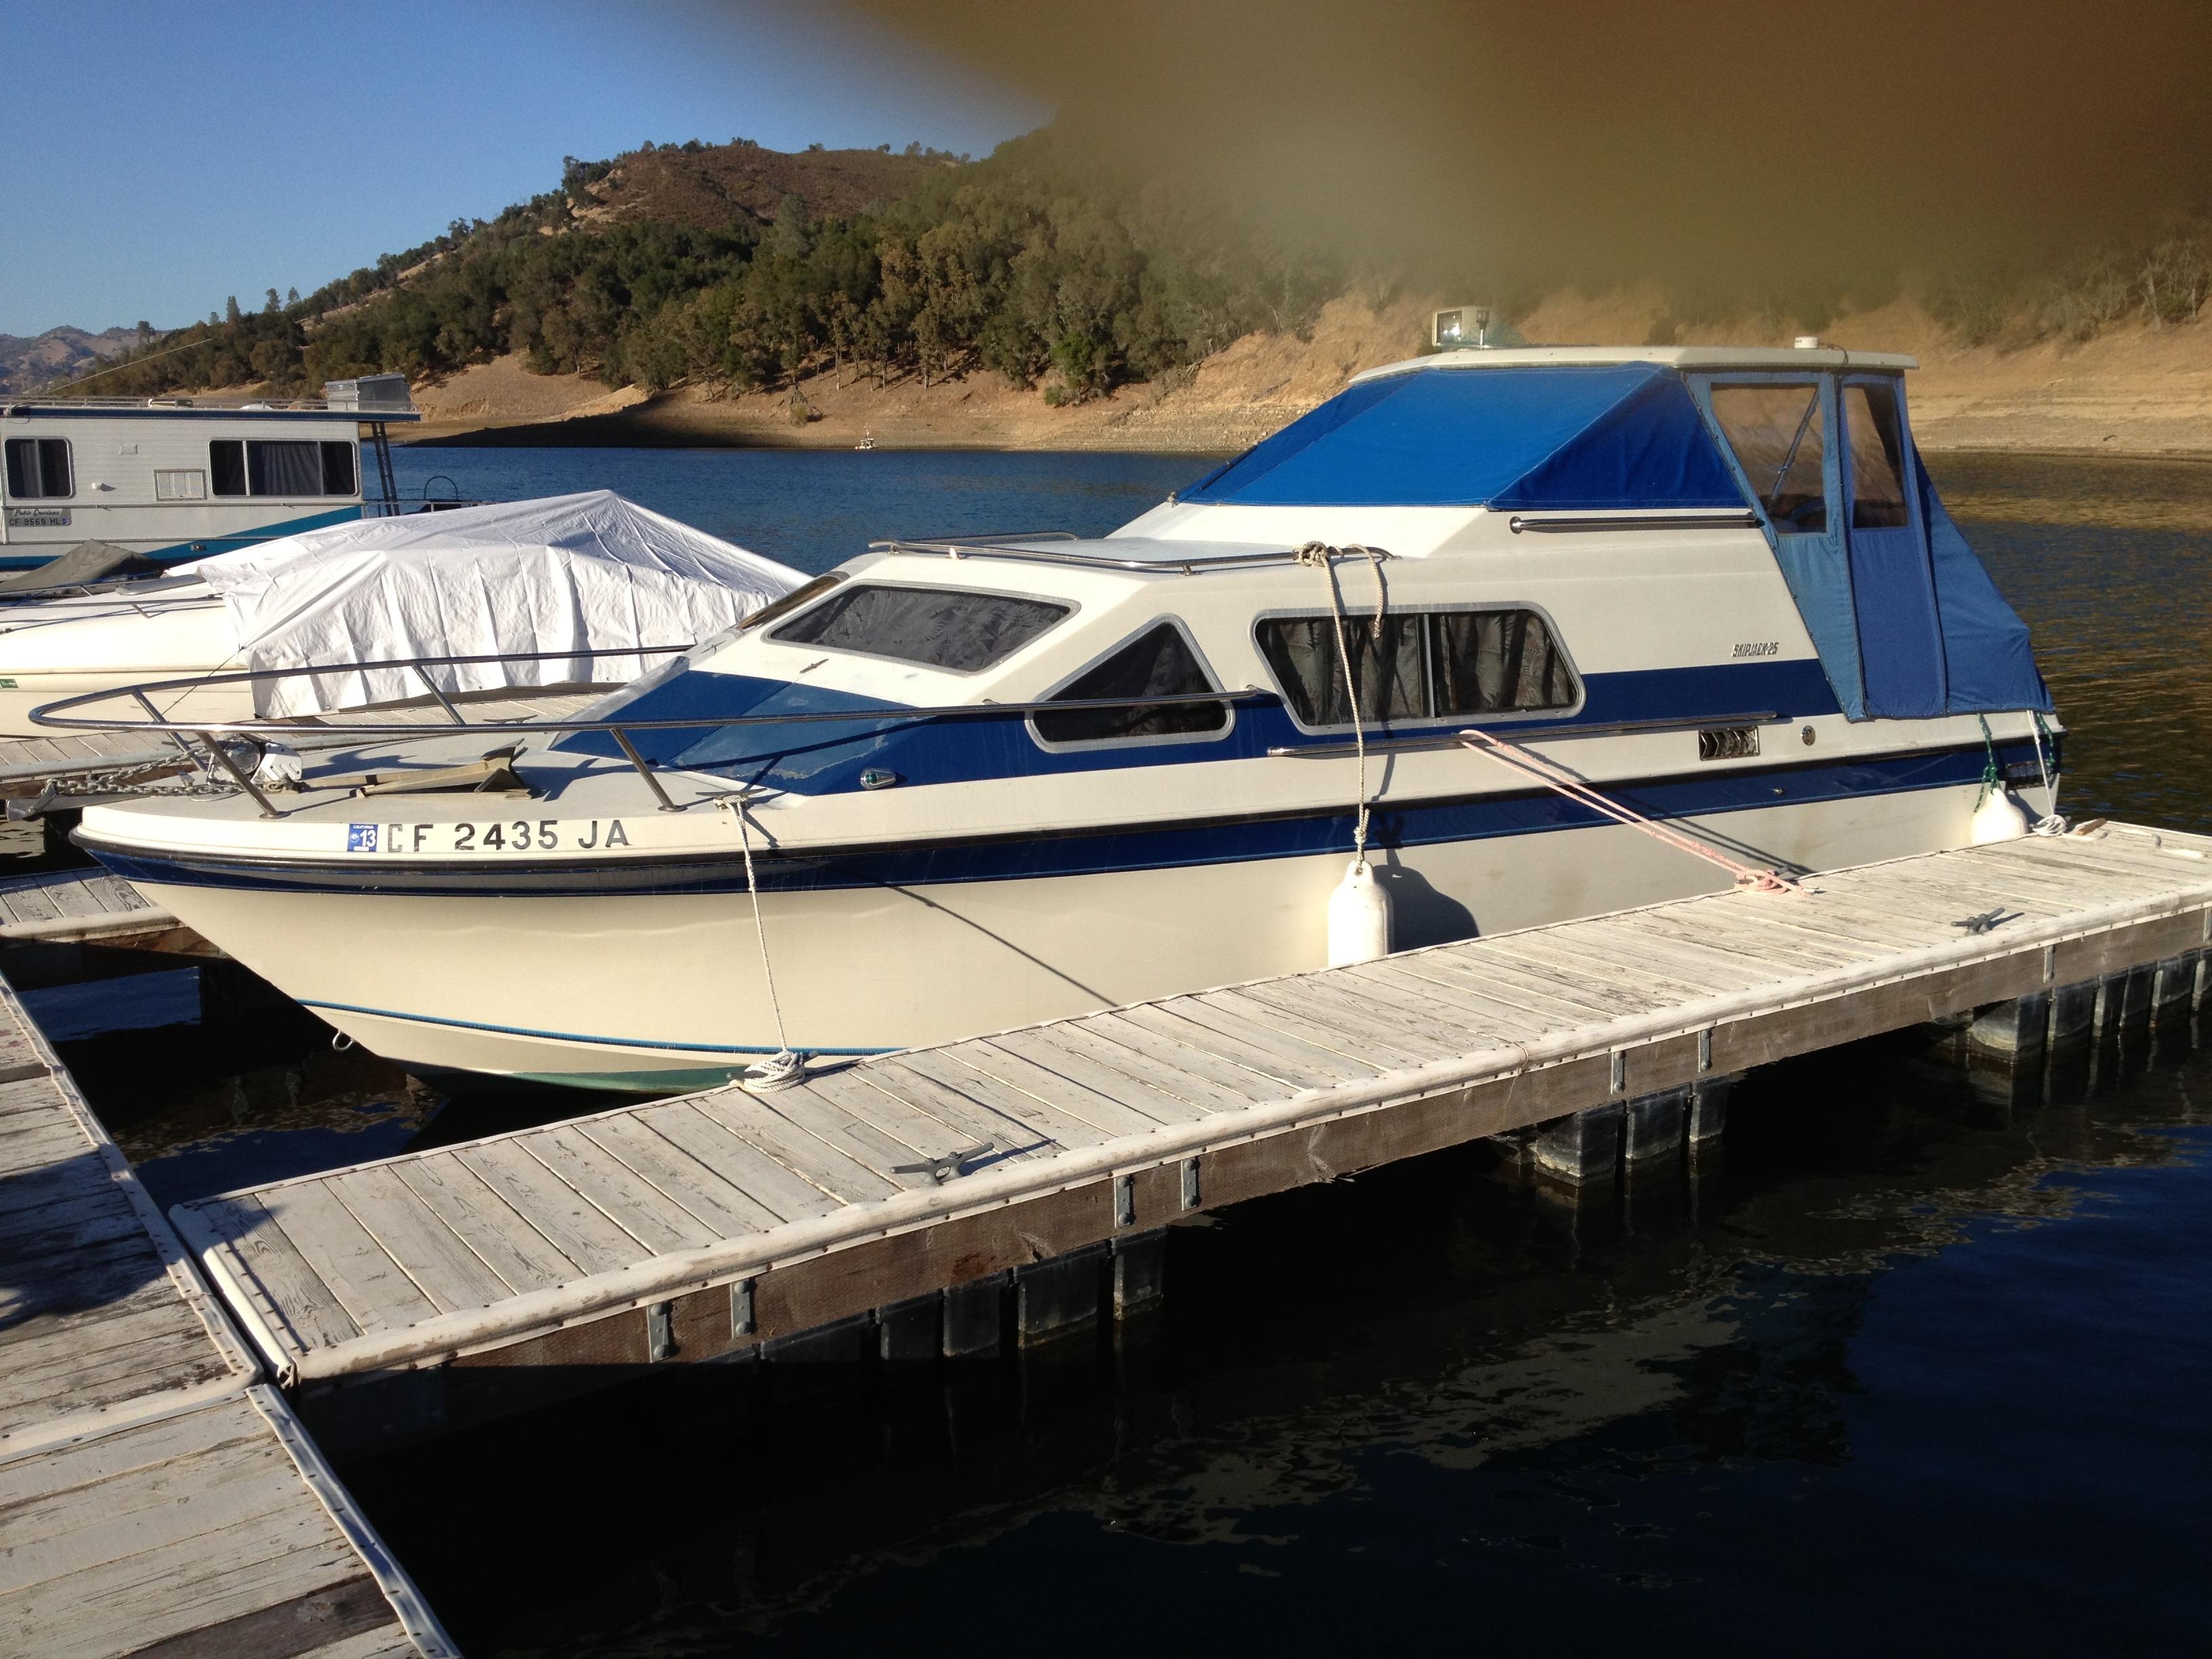 Skipjack Cabin Cruiser